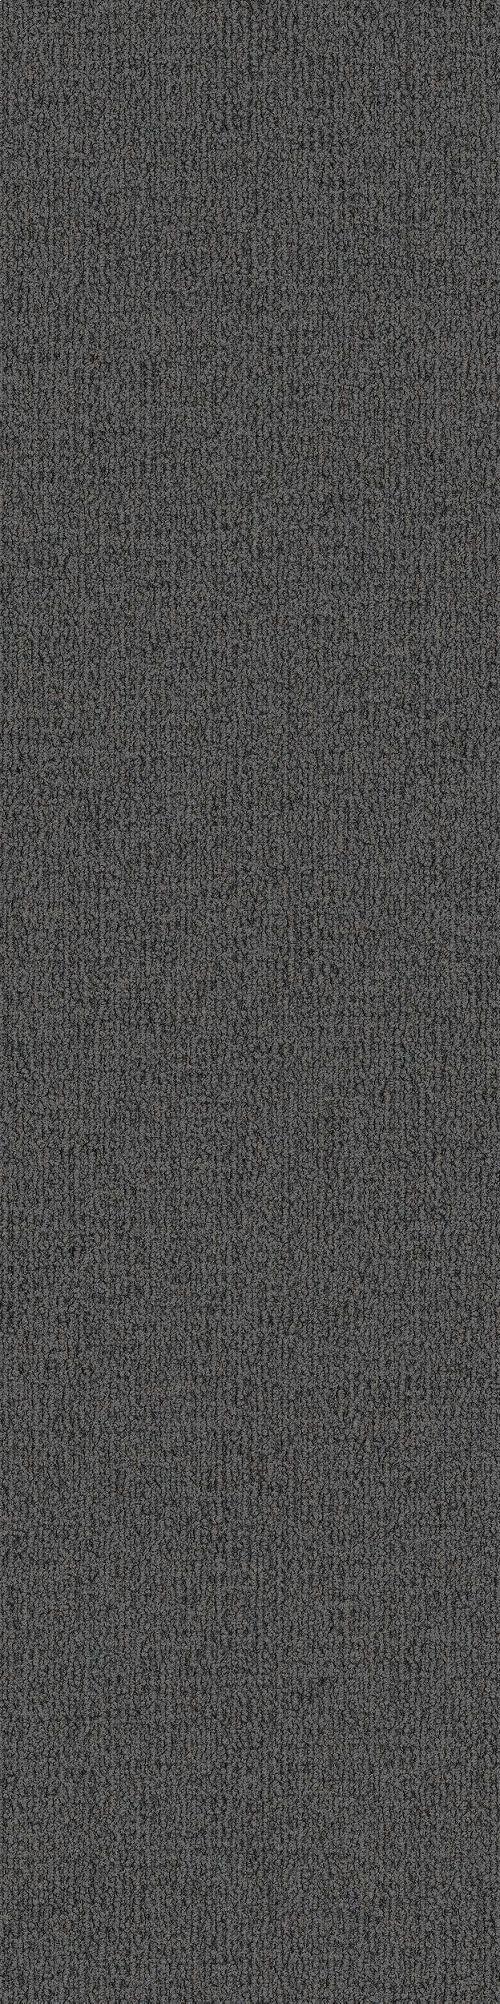 Interface carpet tile em551 color name hill st variant 5 interface carpet tile em551 color name hill st variant 5 baanklon Gallery